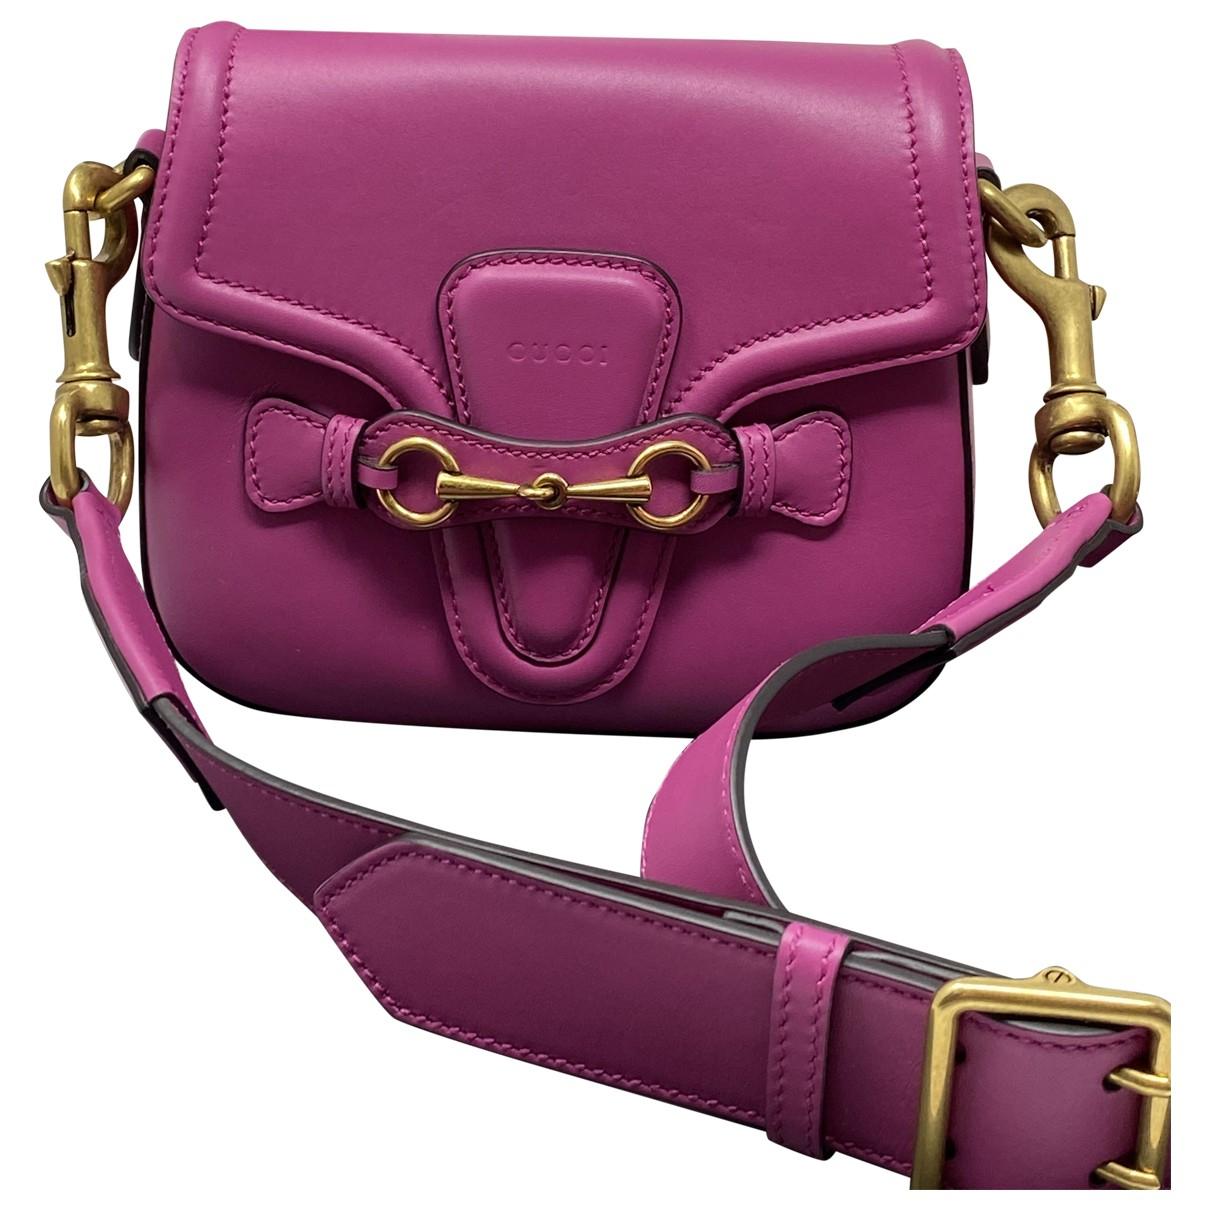 Gucci - Sac a main Lady Web pour femme en cuir - rose